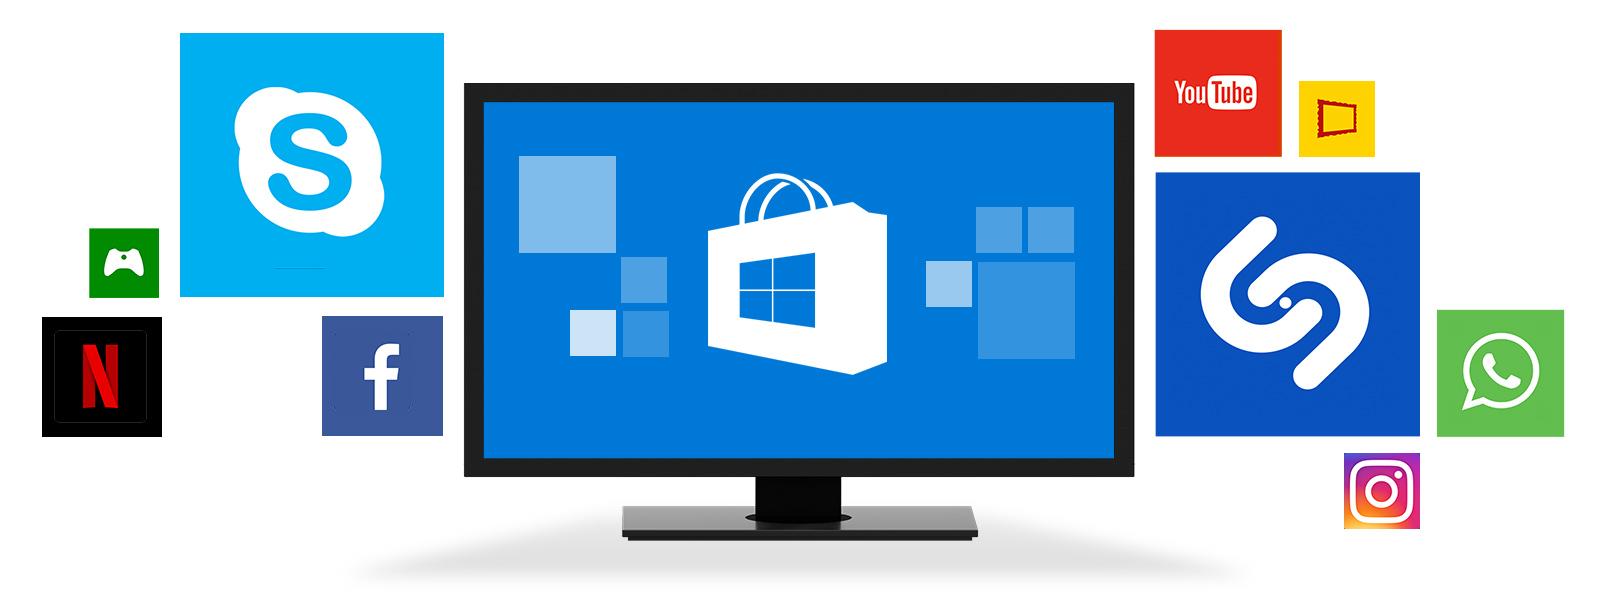 Устройство с Windows с няколко плочки с приложения, плаващи около него